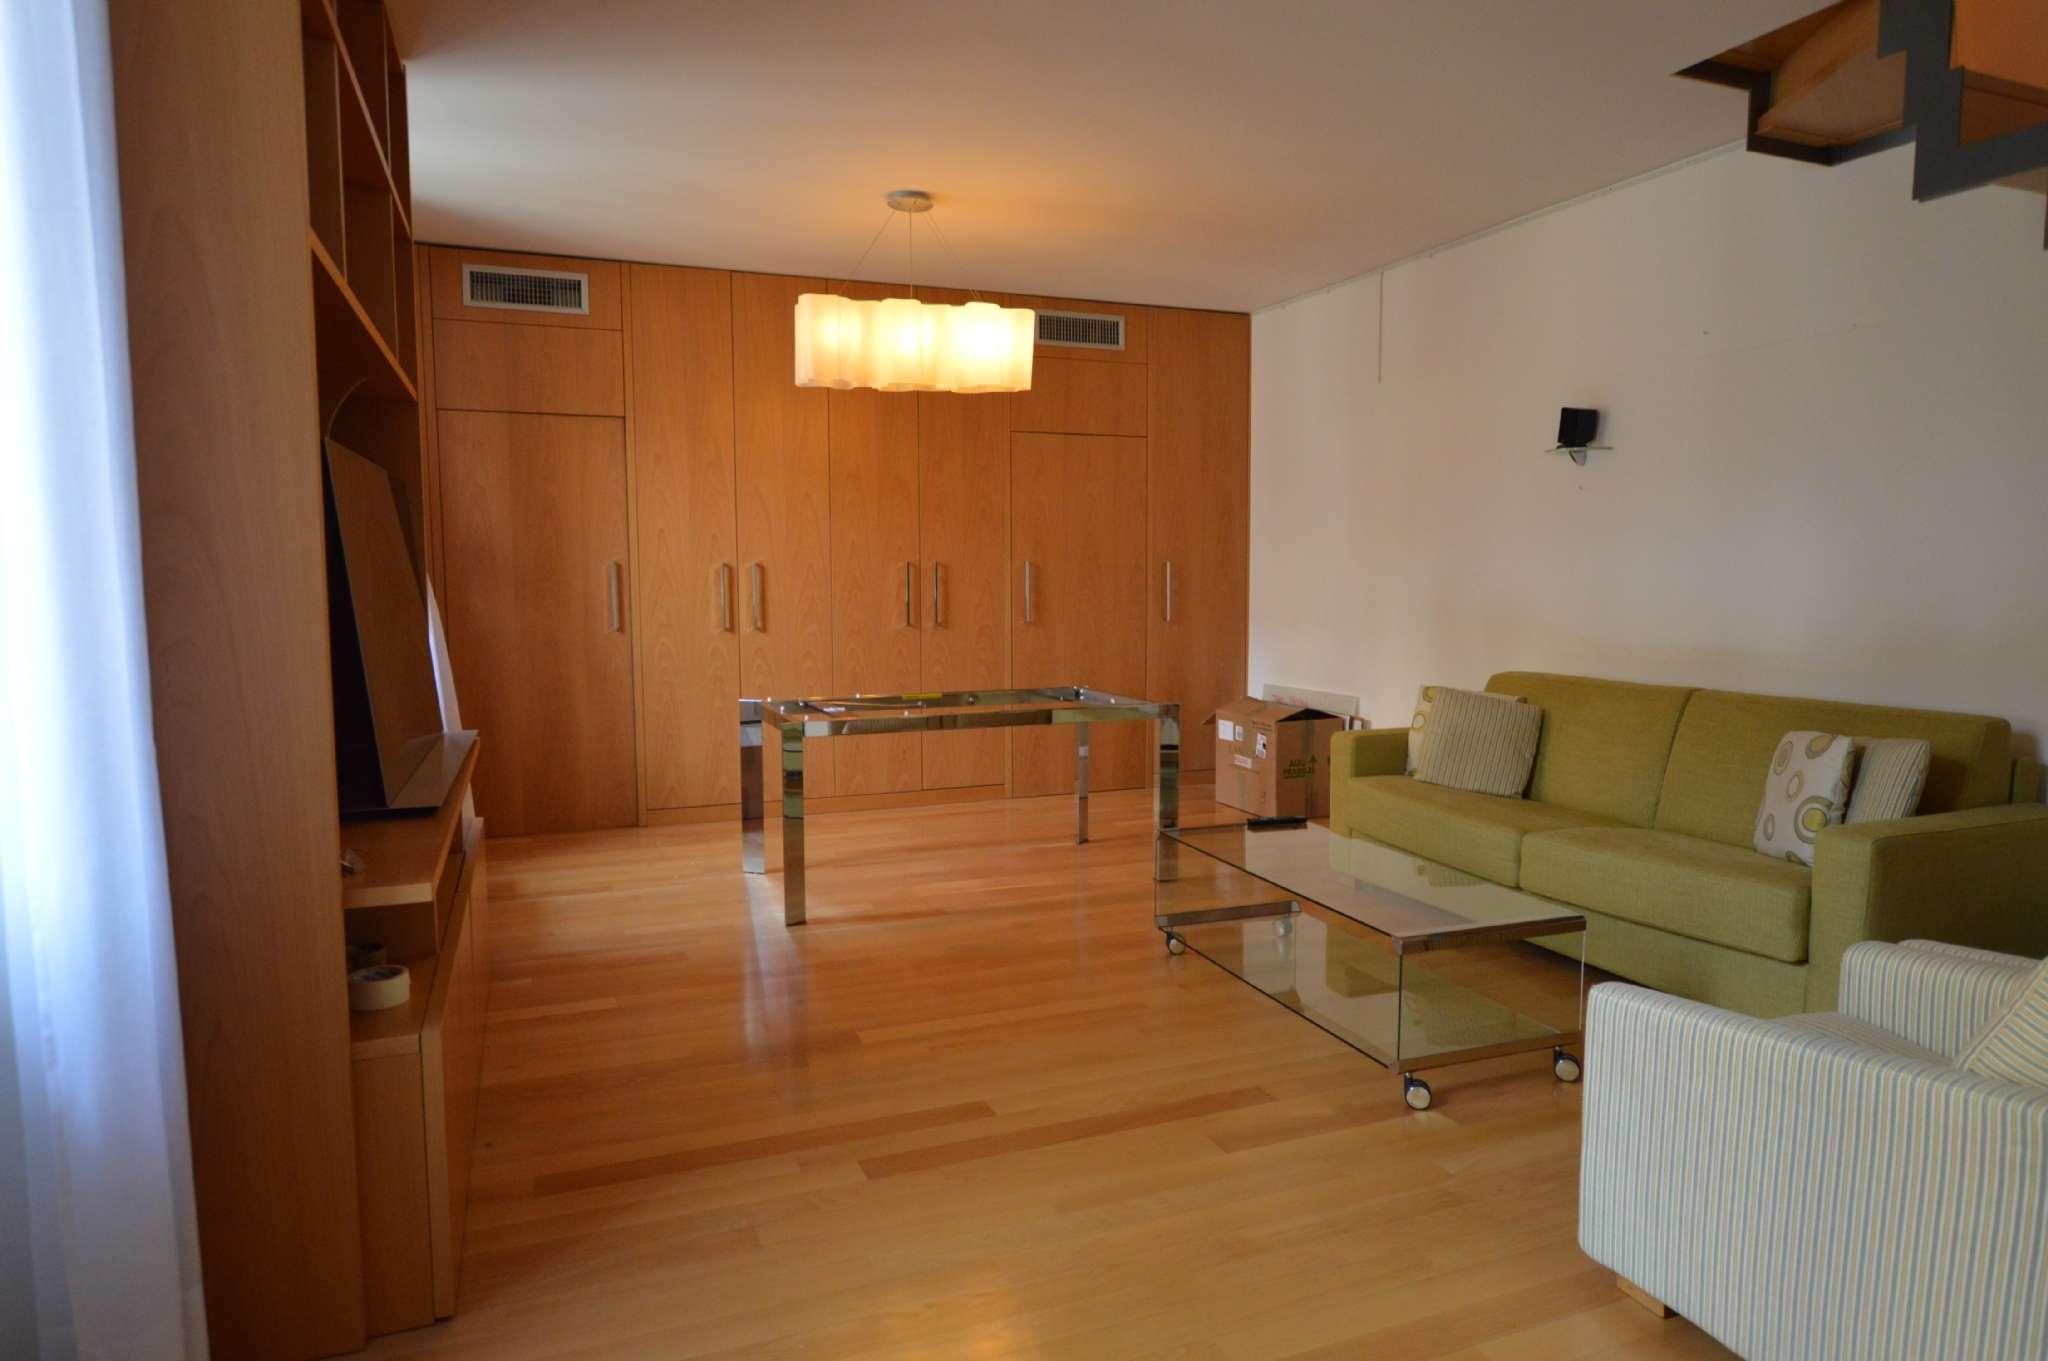 Appartamento in Affitto a Milano 08 Vercelli / Magenta / Cadorna / Washington:  2 locali, 80 mq  - Foto 1